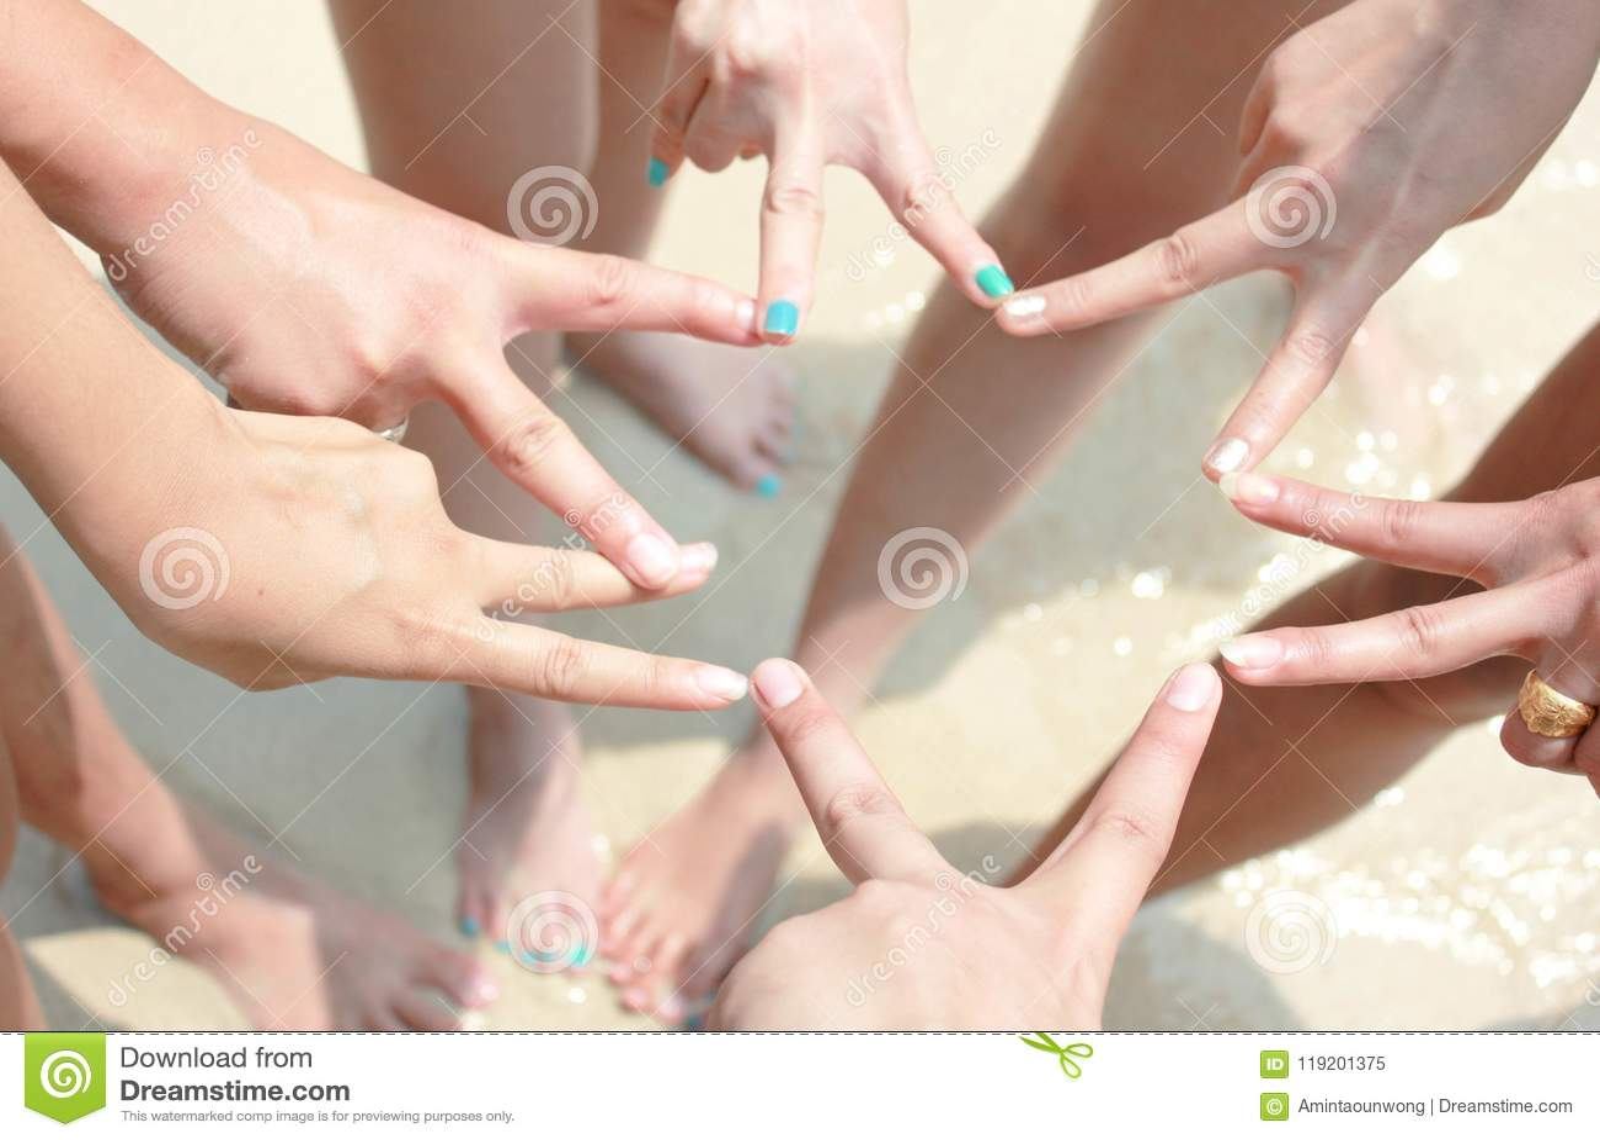 Concept de Team Teamwork Join Hands Partnership